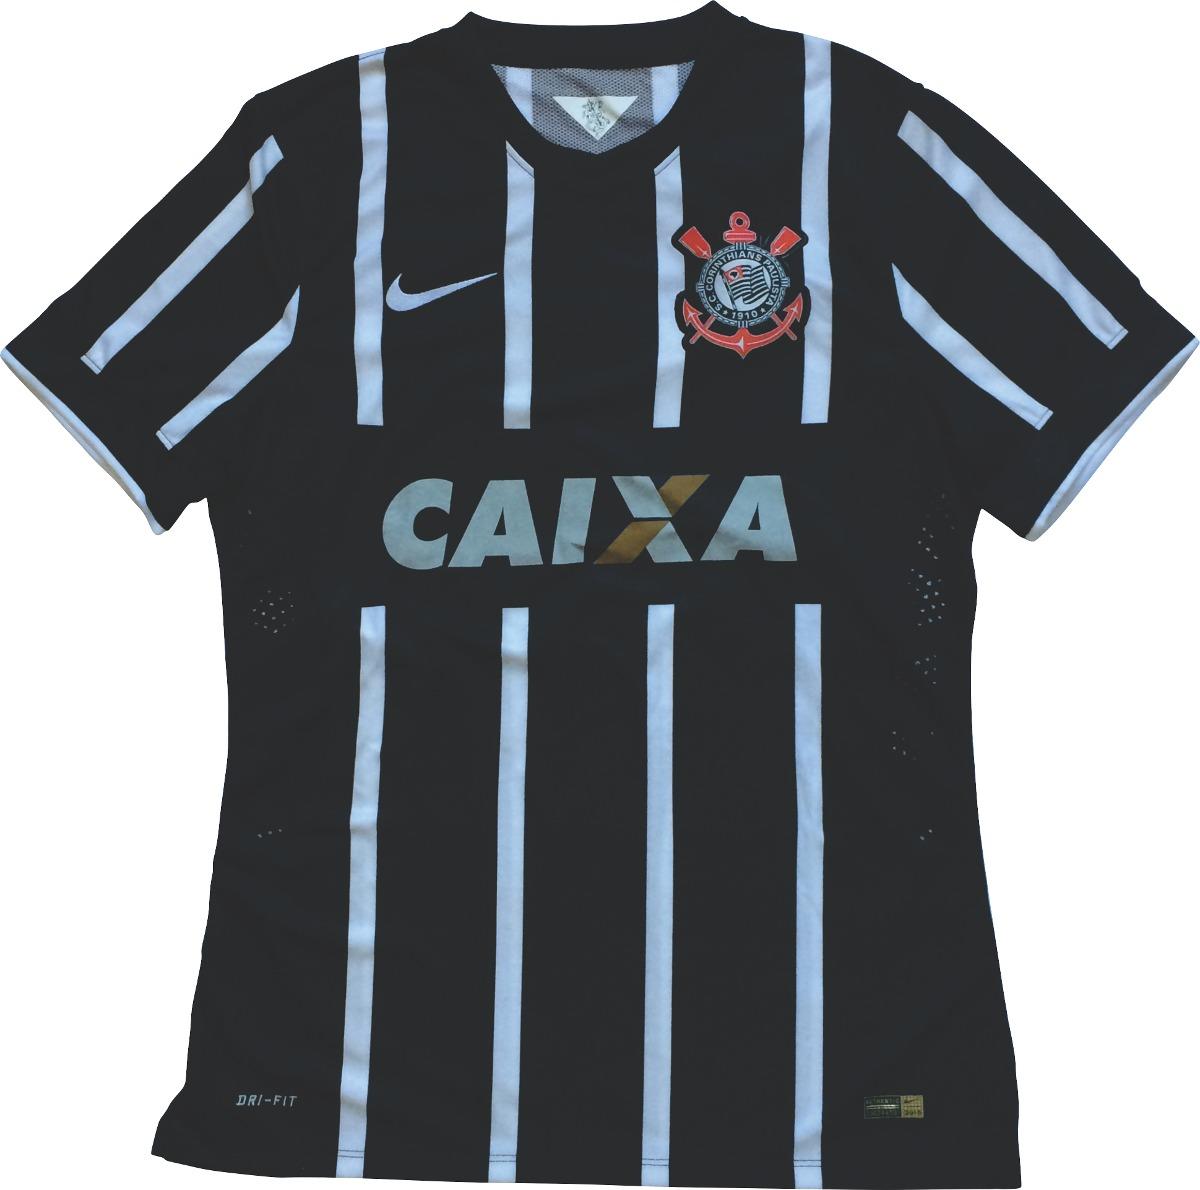 b6b836c99d camisa corinthians oficial nike promoção 2015 jogador. Carregando zoom.